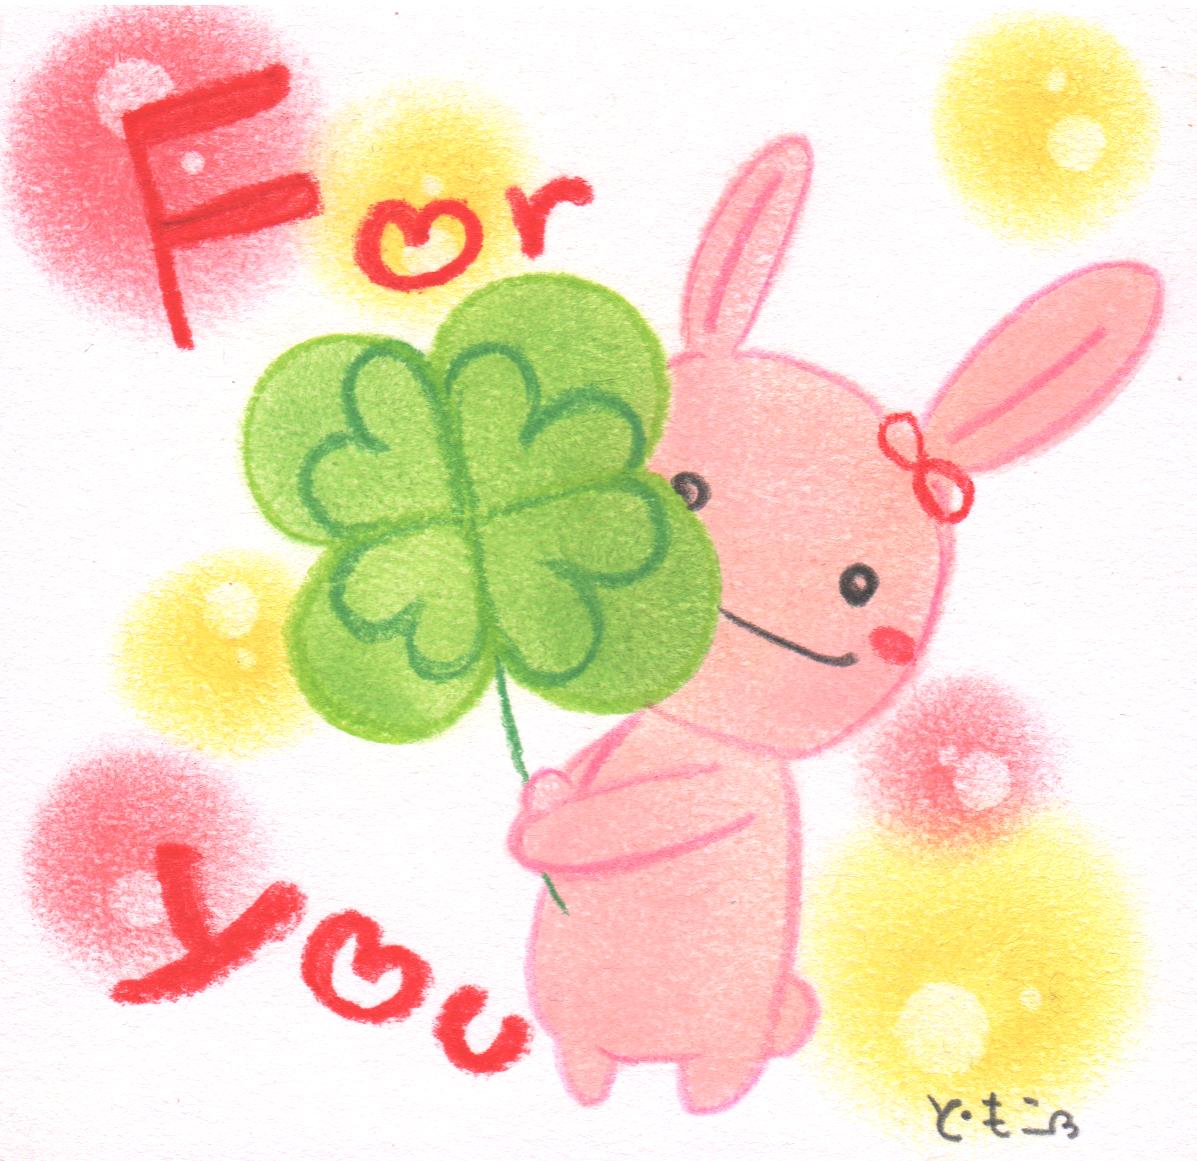 ここあーと For you